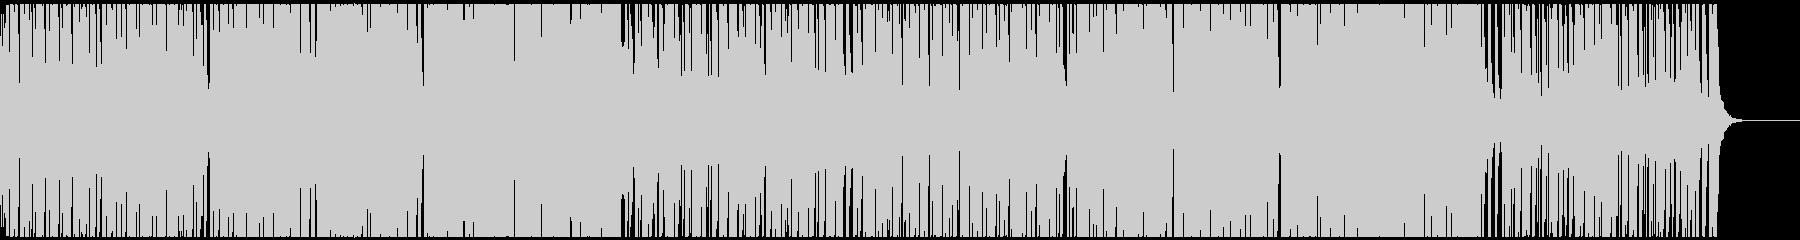 リズミカル前向きテクノポップ CM・映像の未再生の波形